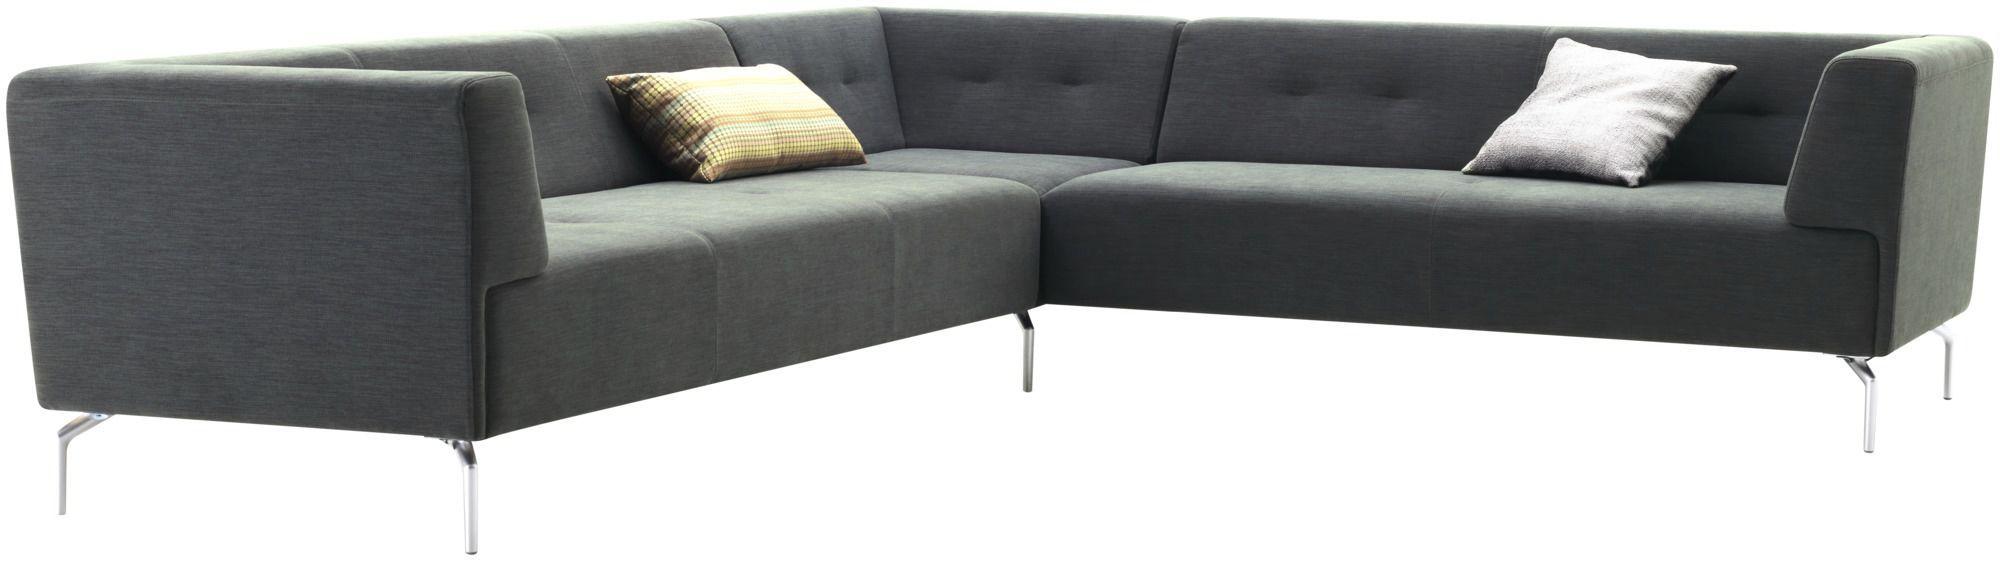 Bo Concept Canap Latest Canap En Cuir Marron Celano Boconcept  # Bo Concept Meuble Tv